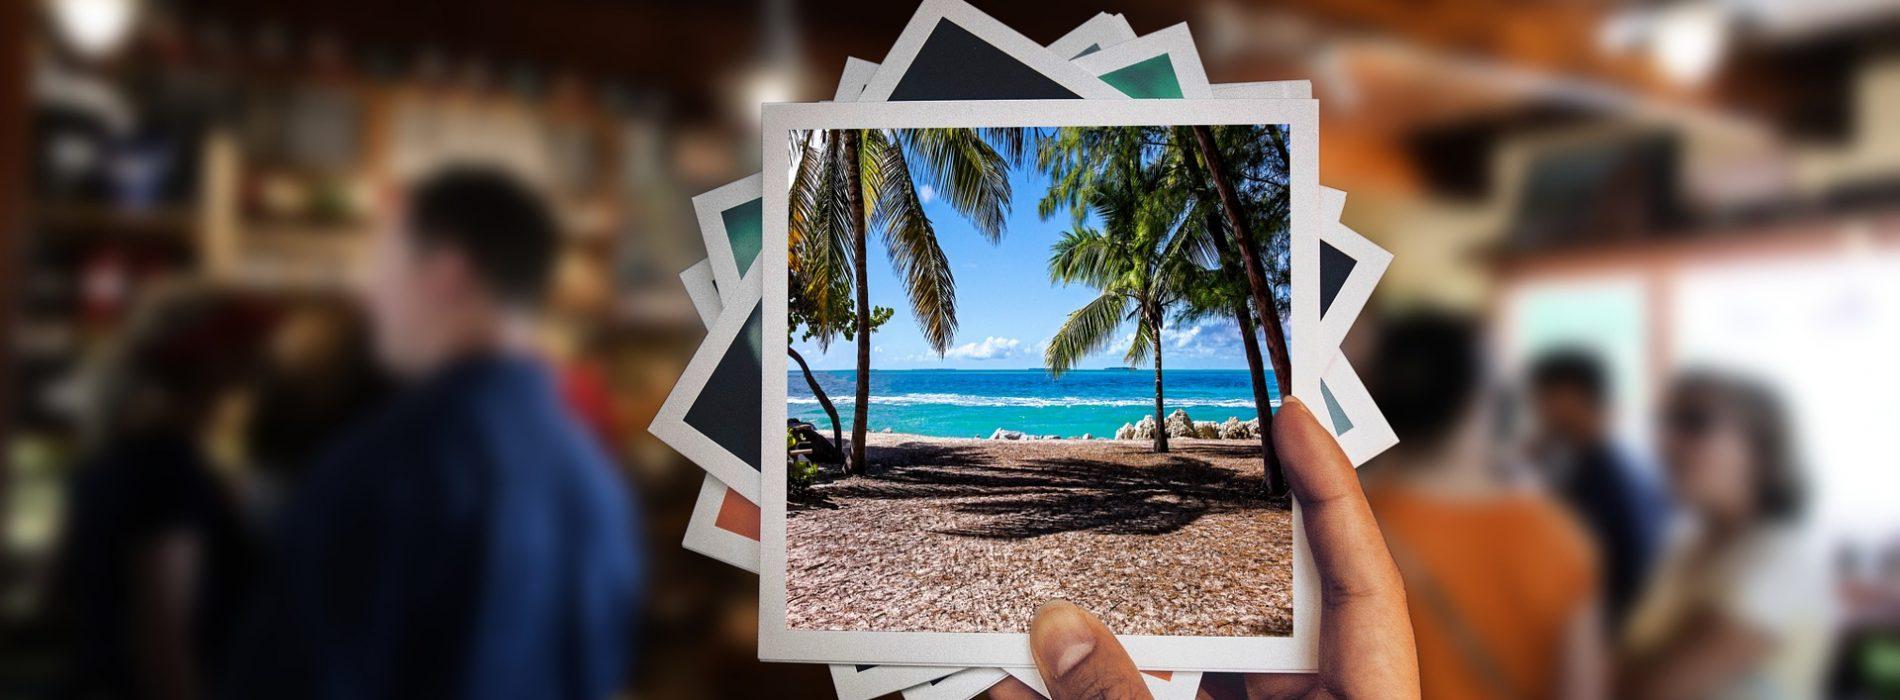 7 consejos para hacer buenas fotos de viajes